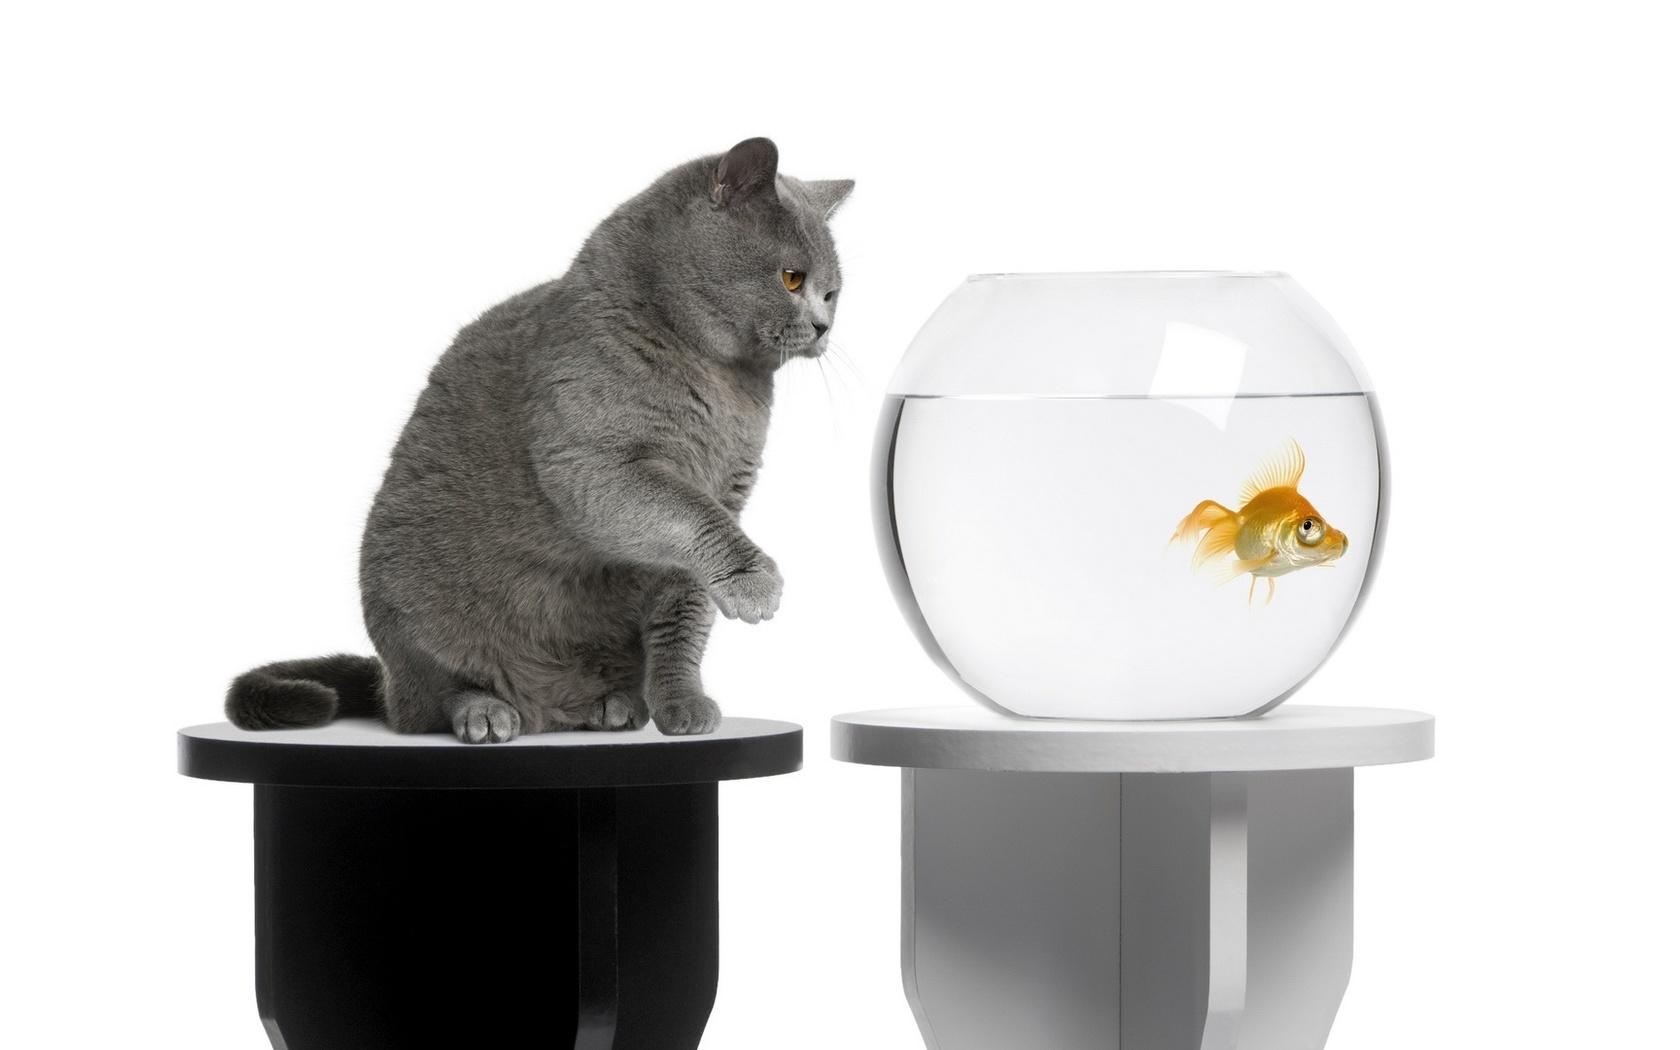 этой картинка кот у аквариума с рыбками хочется упомянуть